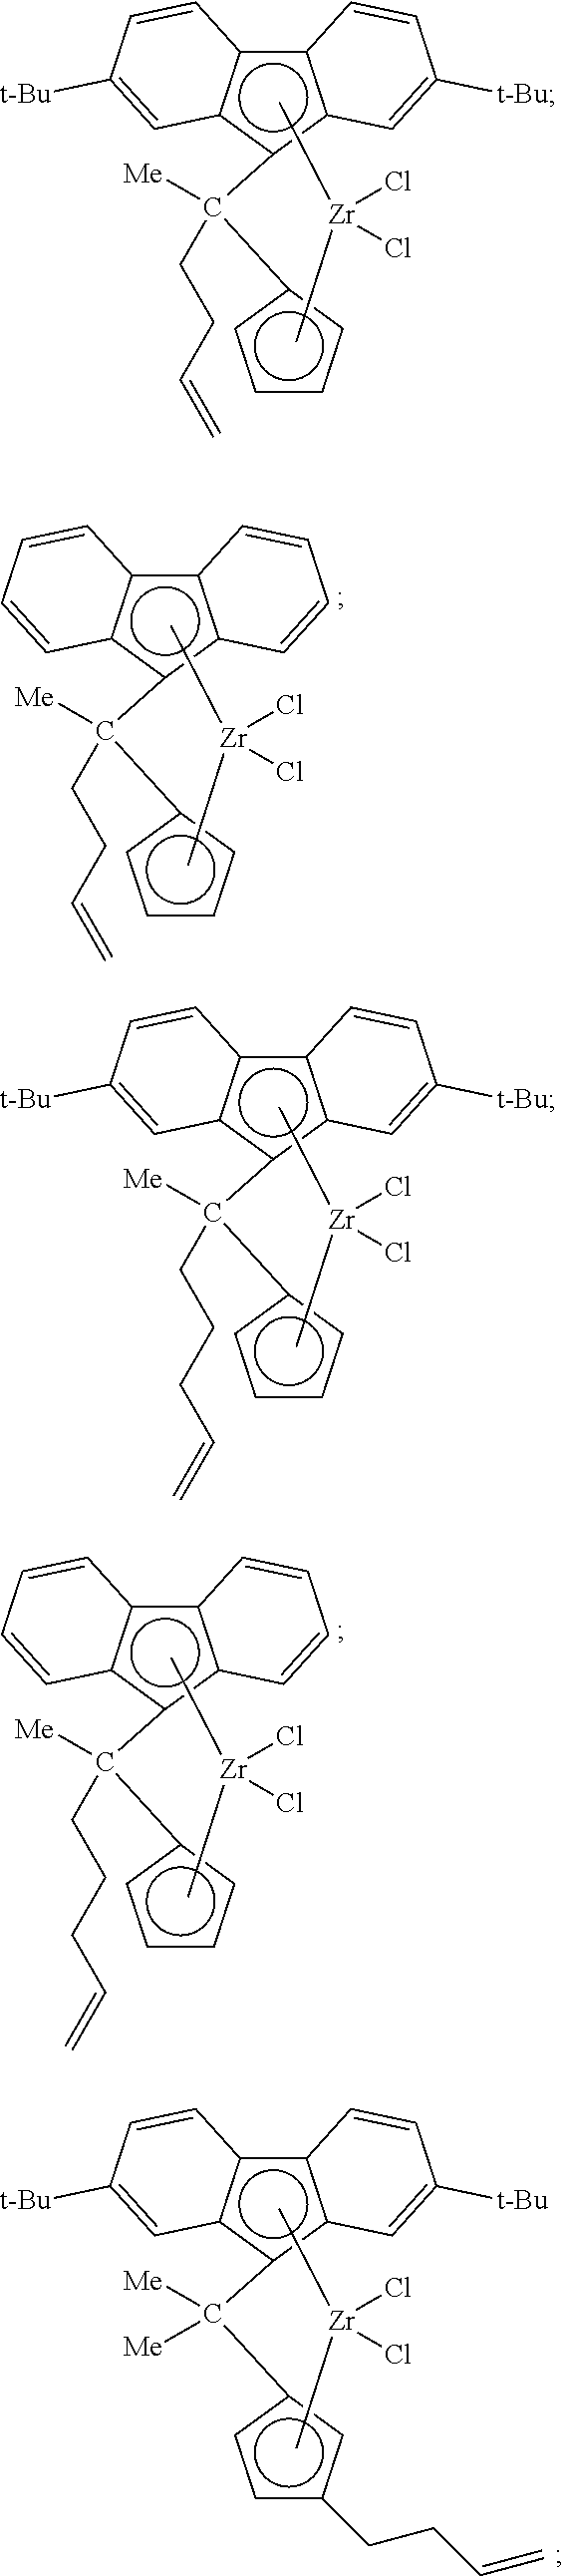 Figure US08501654-20130806-C00006